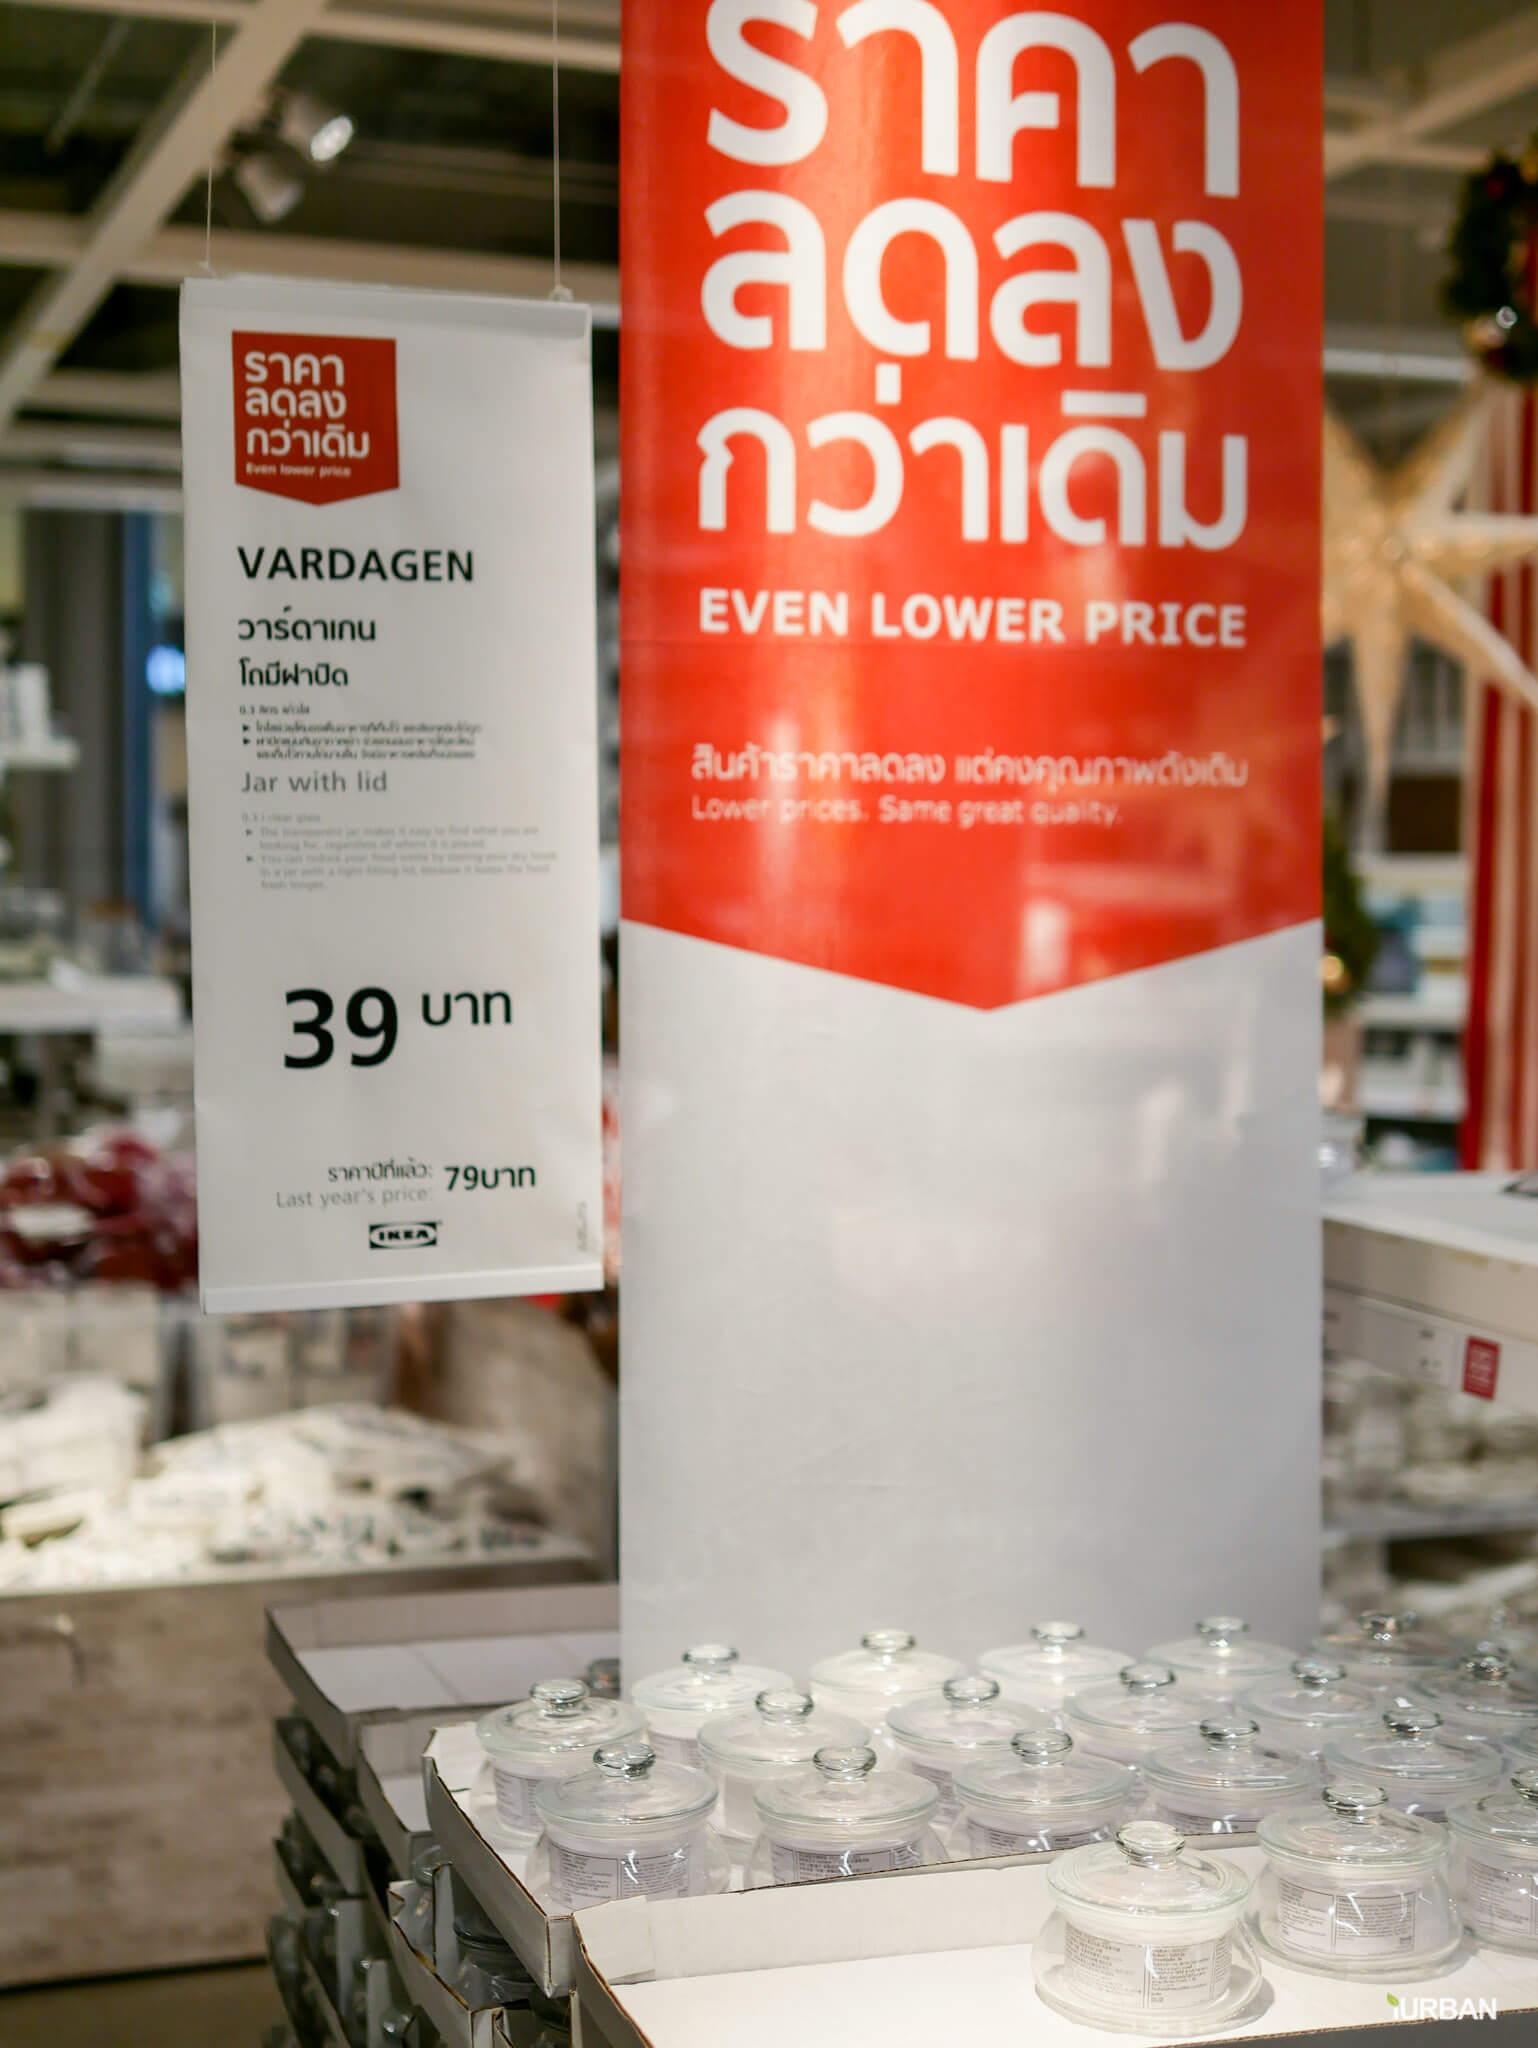 มันเยอะมากกกก!! IKEA Year End SALE 2017 รวมของเซลในอิเกีย ลดเยอะ ลดแหลก รีบพุ่งตัวไป วันนี้ - 7 มกราคม 61 132 - IKEA (อิเกีย)